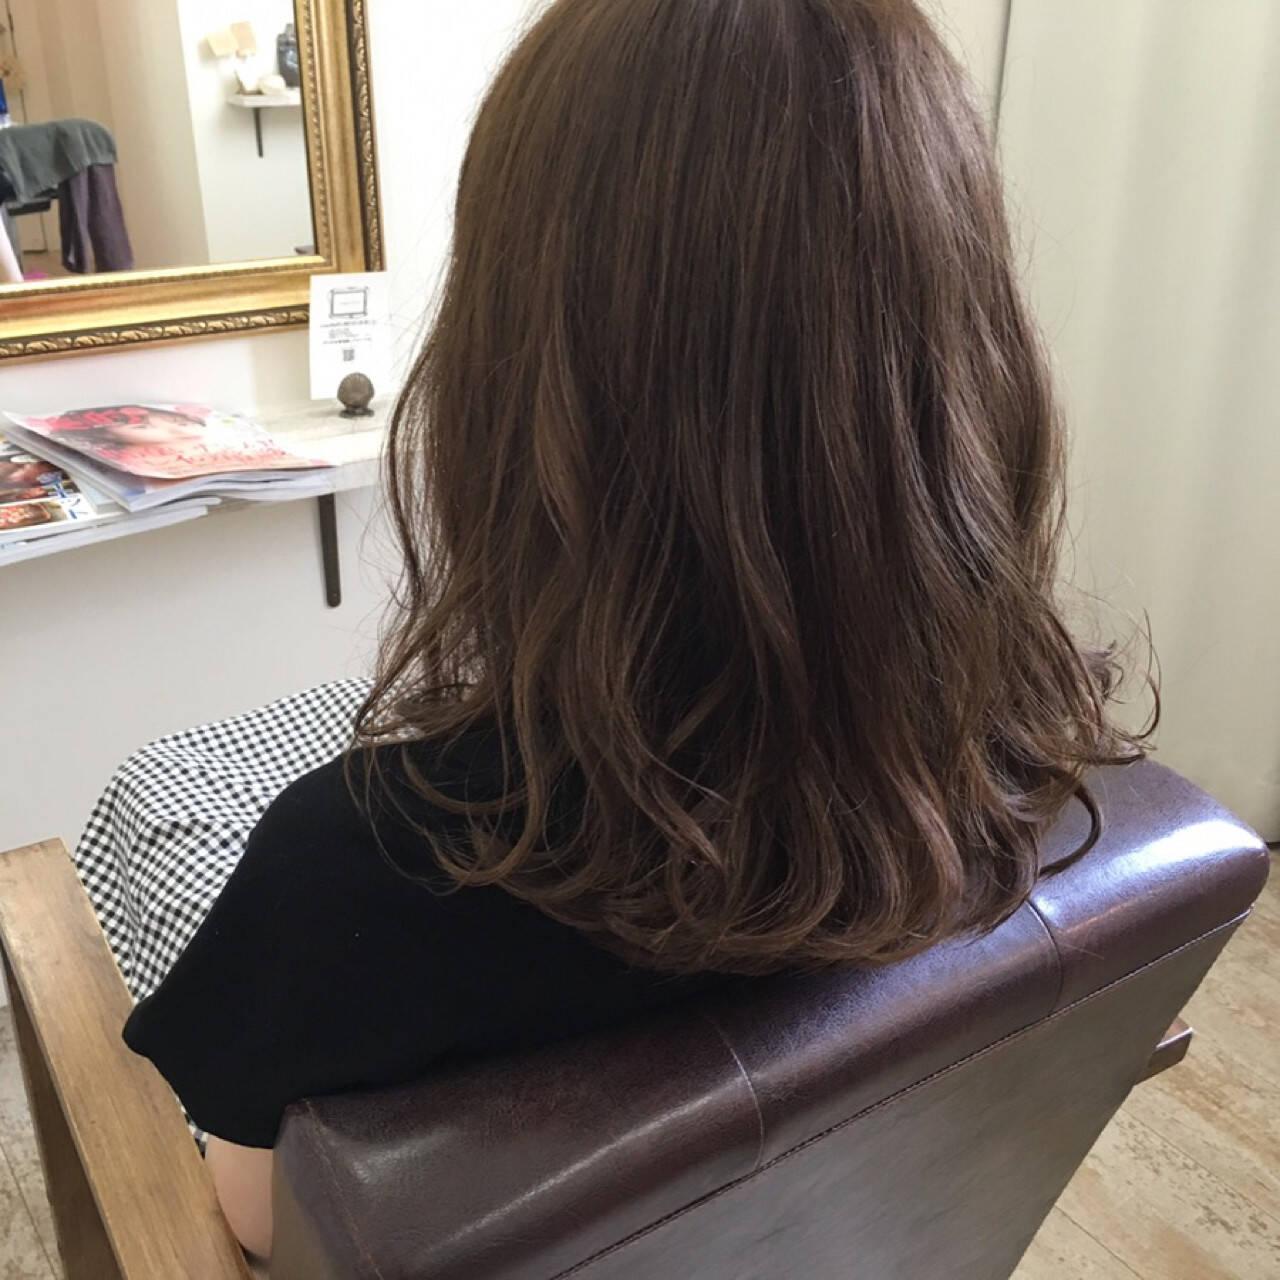 ミディアム アンニュイ 大人かわいい アッシュベージュヘアスタイルや髪型の写真・画像